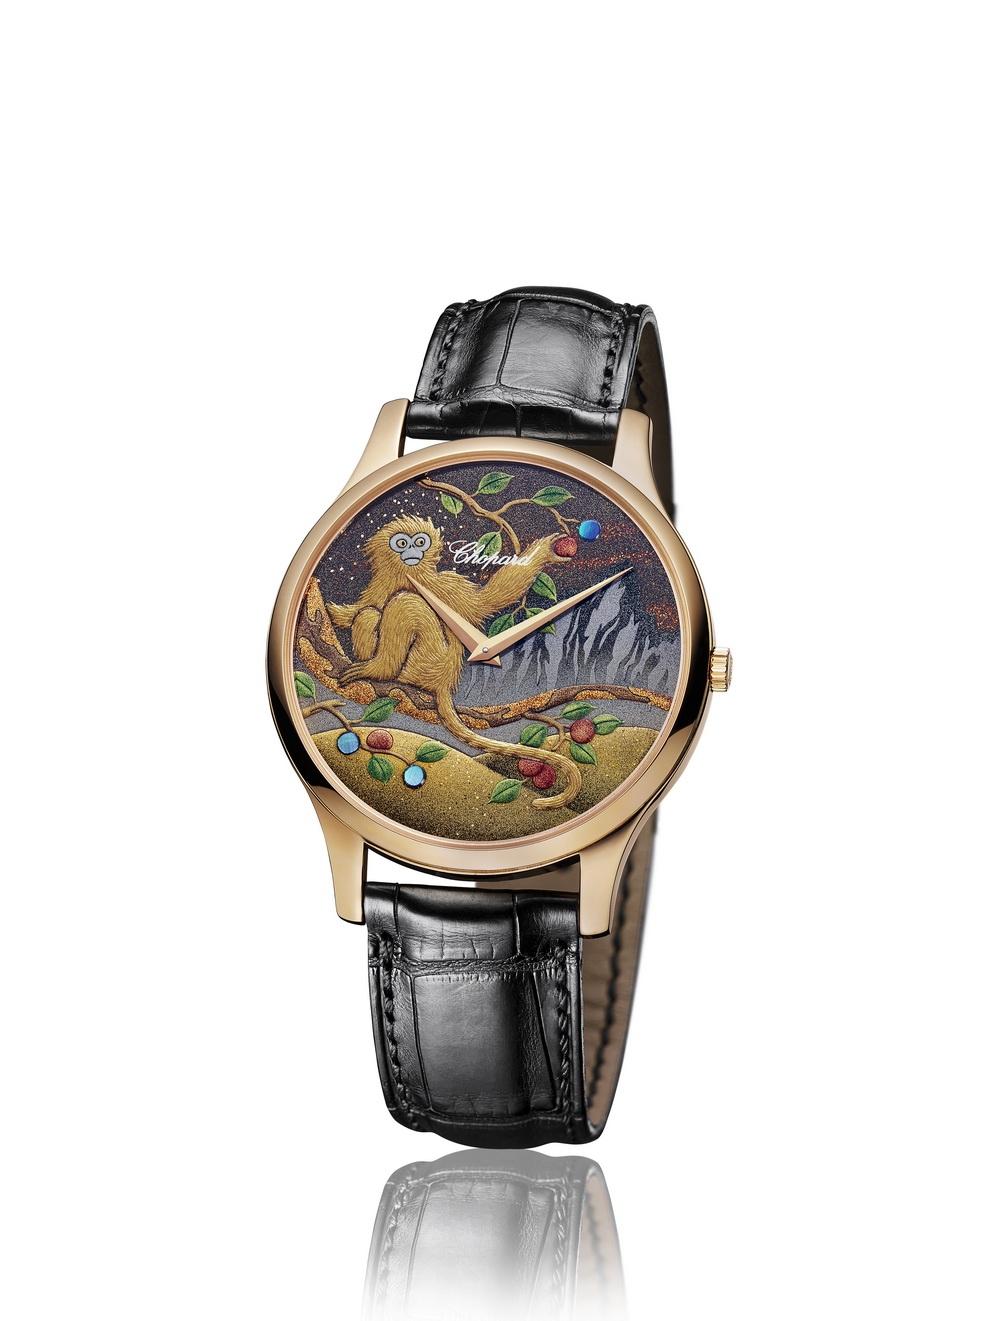 Компания Chopard представляет новые часы L.U.C XP Urushi